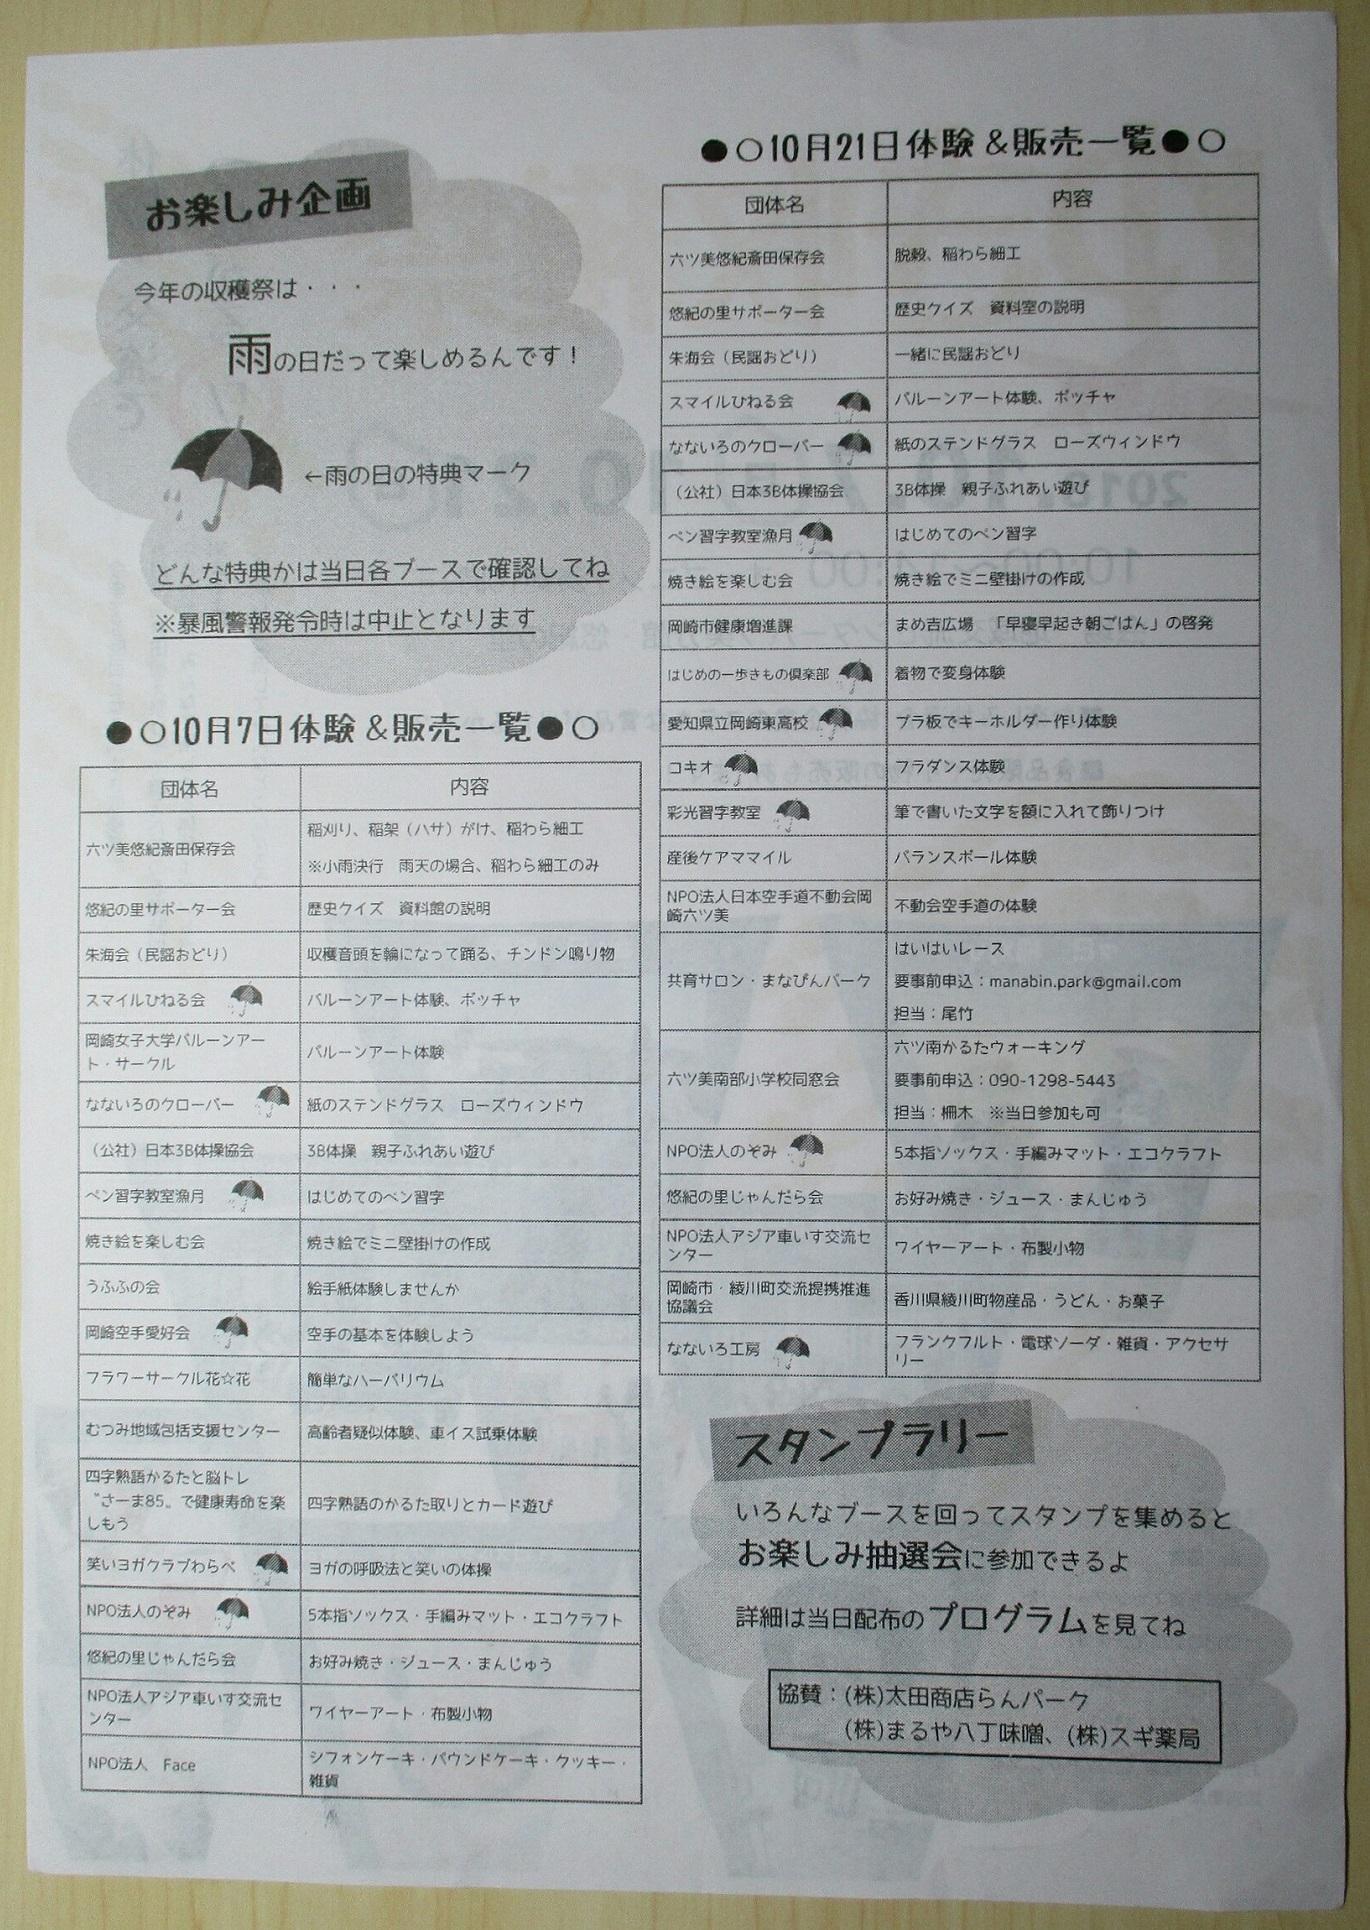 2018年ゆき収穫祭ちらし(うら) 1370-1930